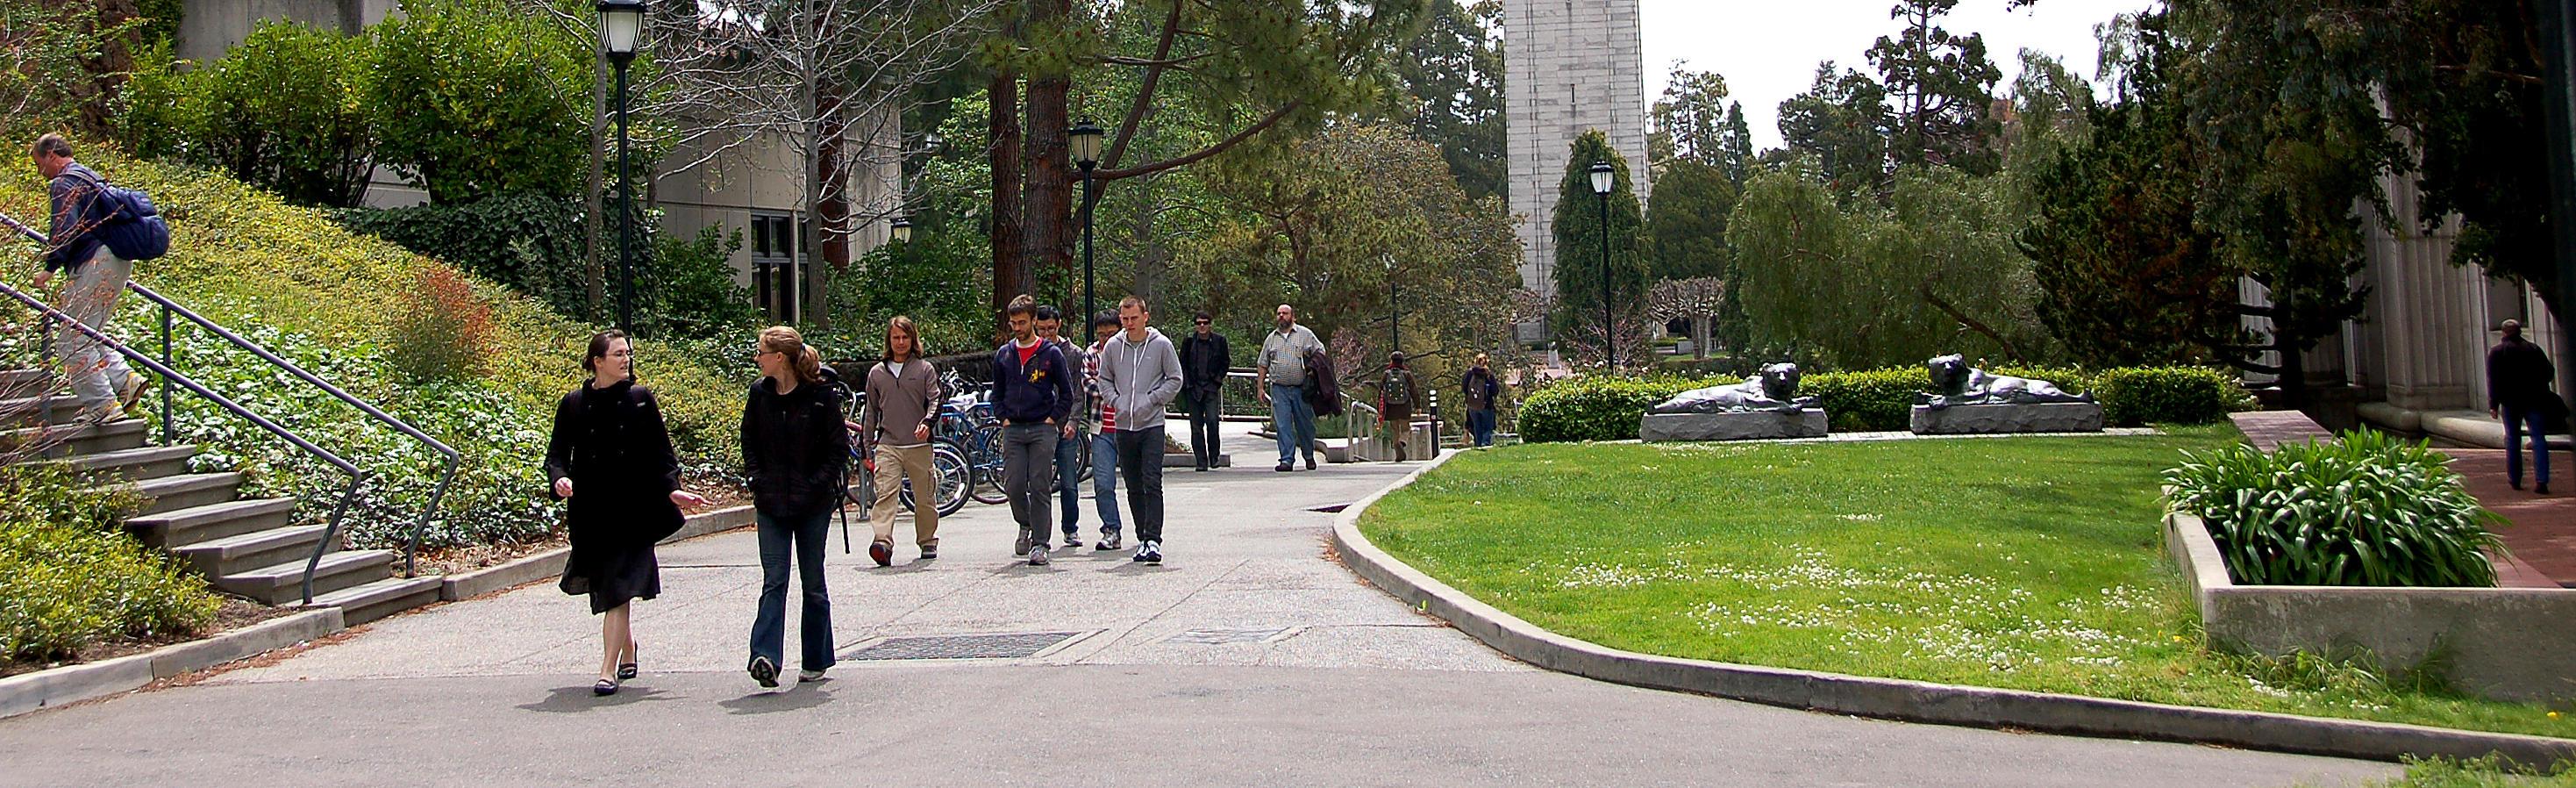 North campus pathway